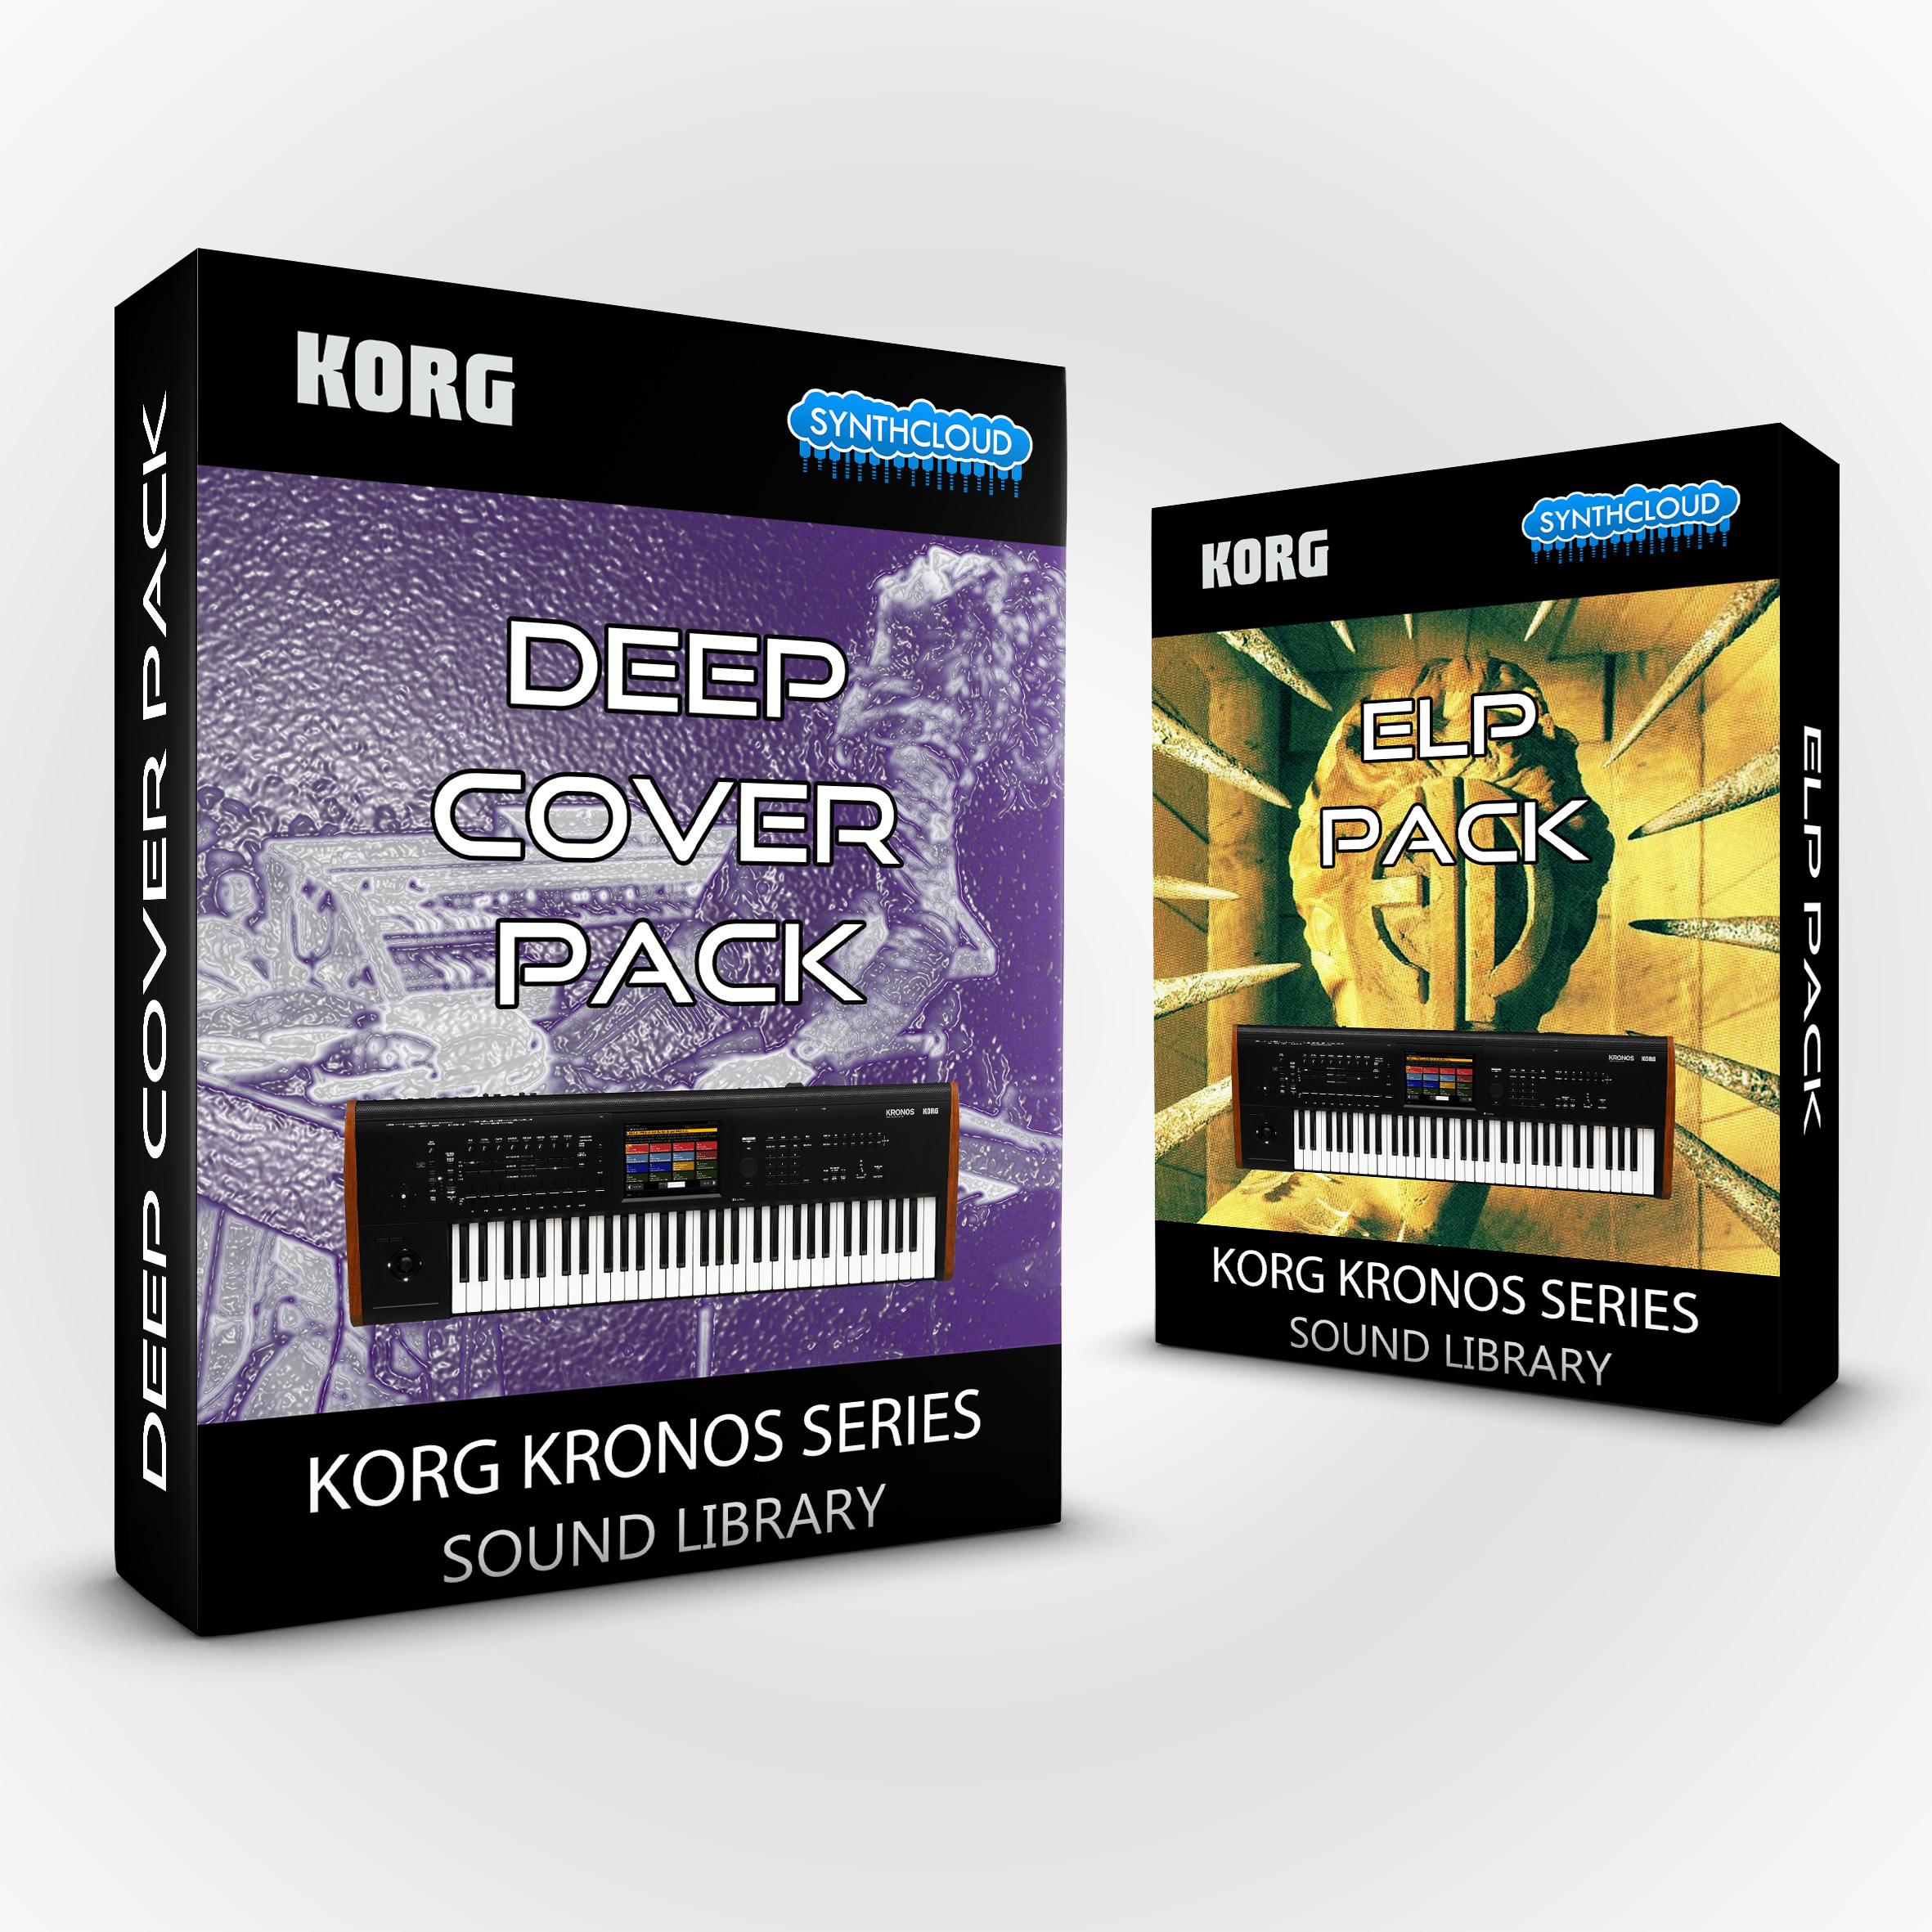 SCL202 - ( Bundle ) Deep Cover Pack + ELP Pack - Korg Kronos Series